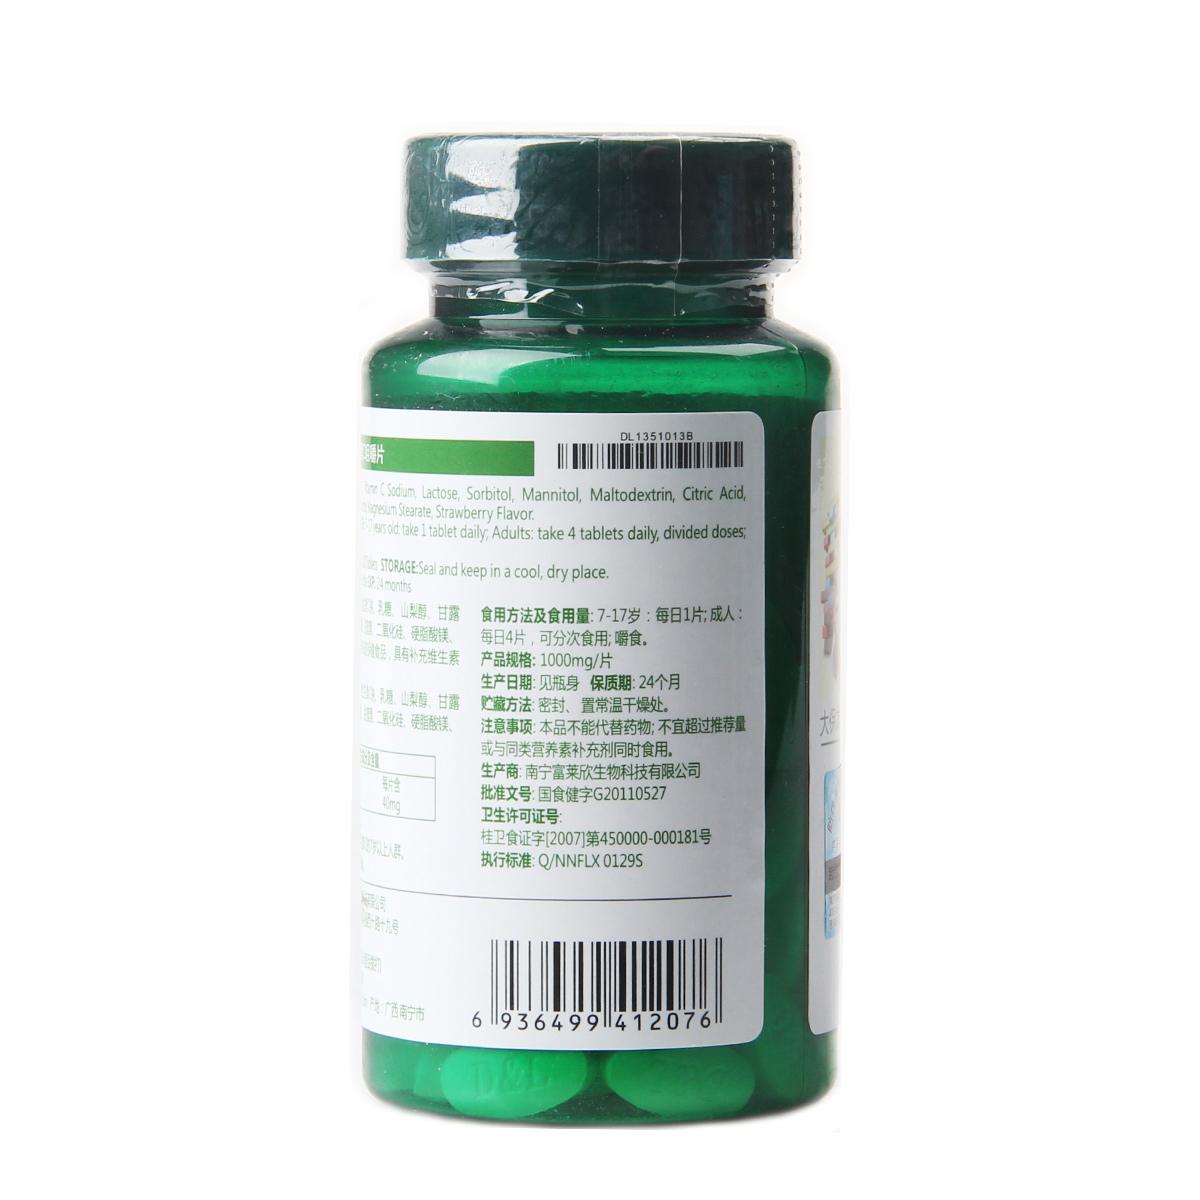 Methylprednisolone Doseage